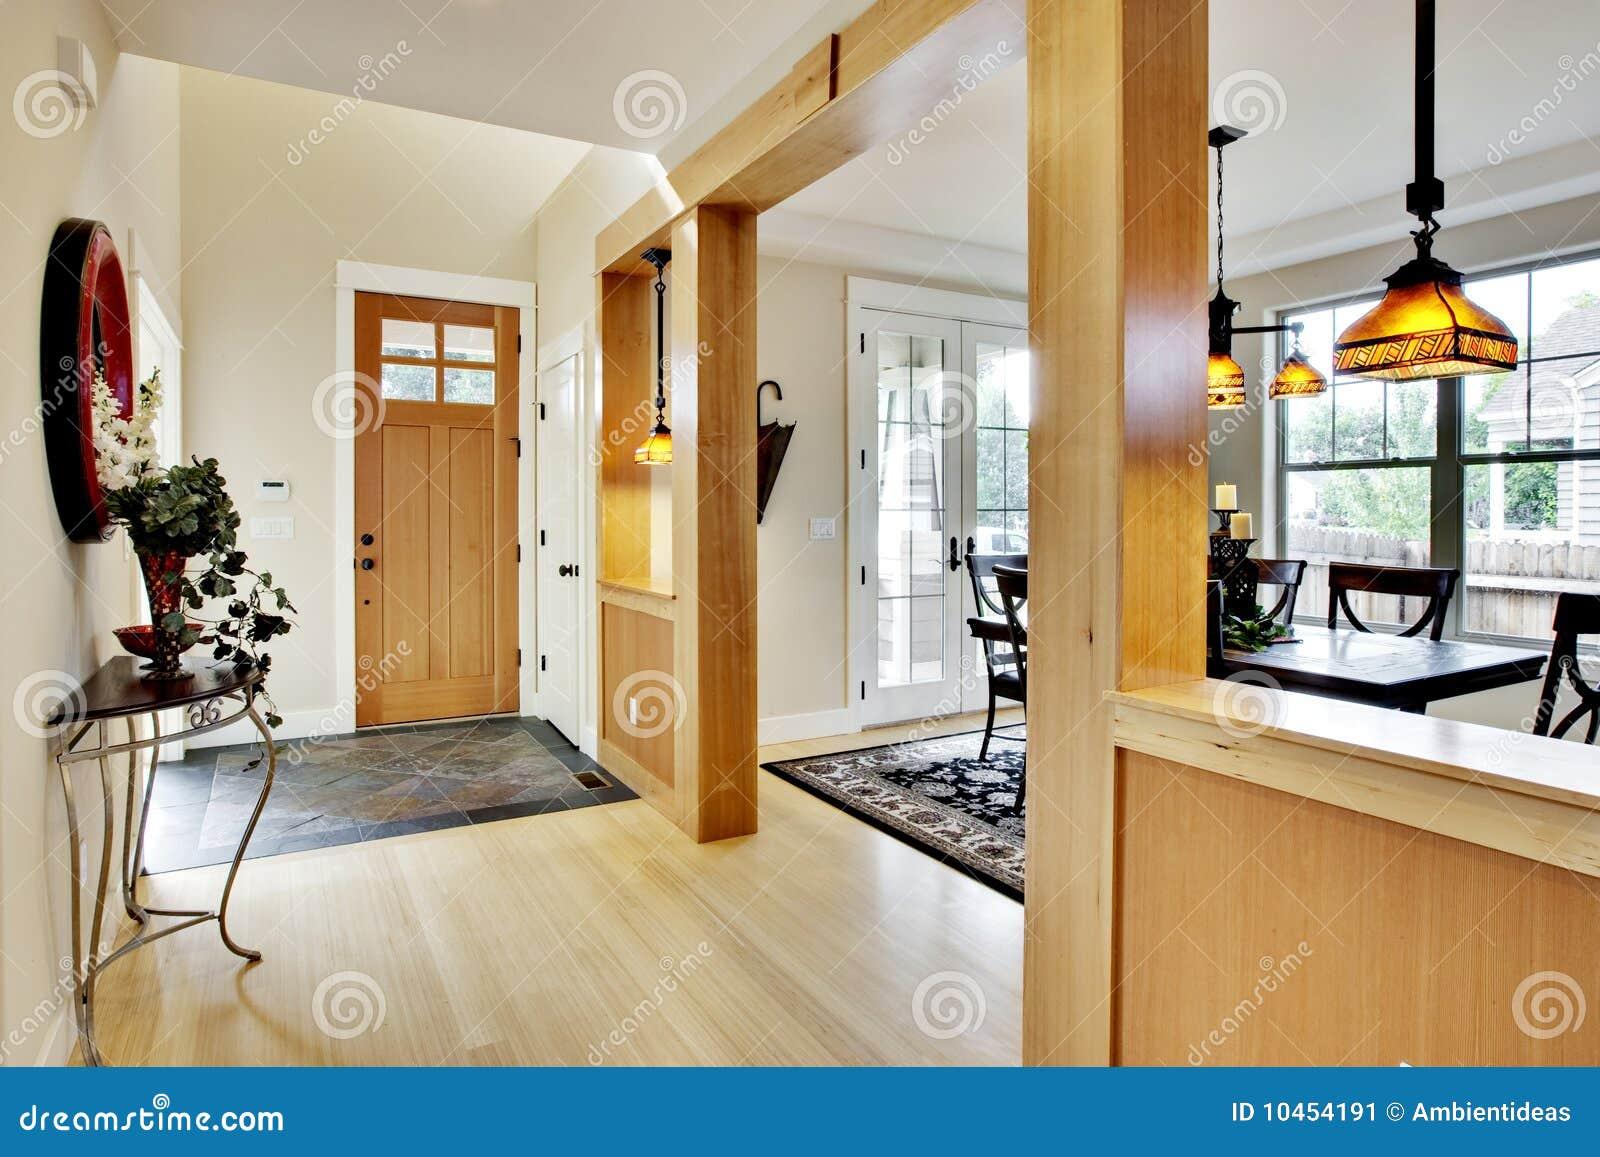 De gang van de ingang van het huis stock afbeelding afbeelding 10454191 - Gang huis ...